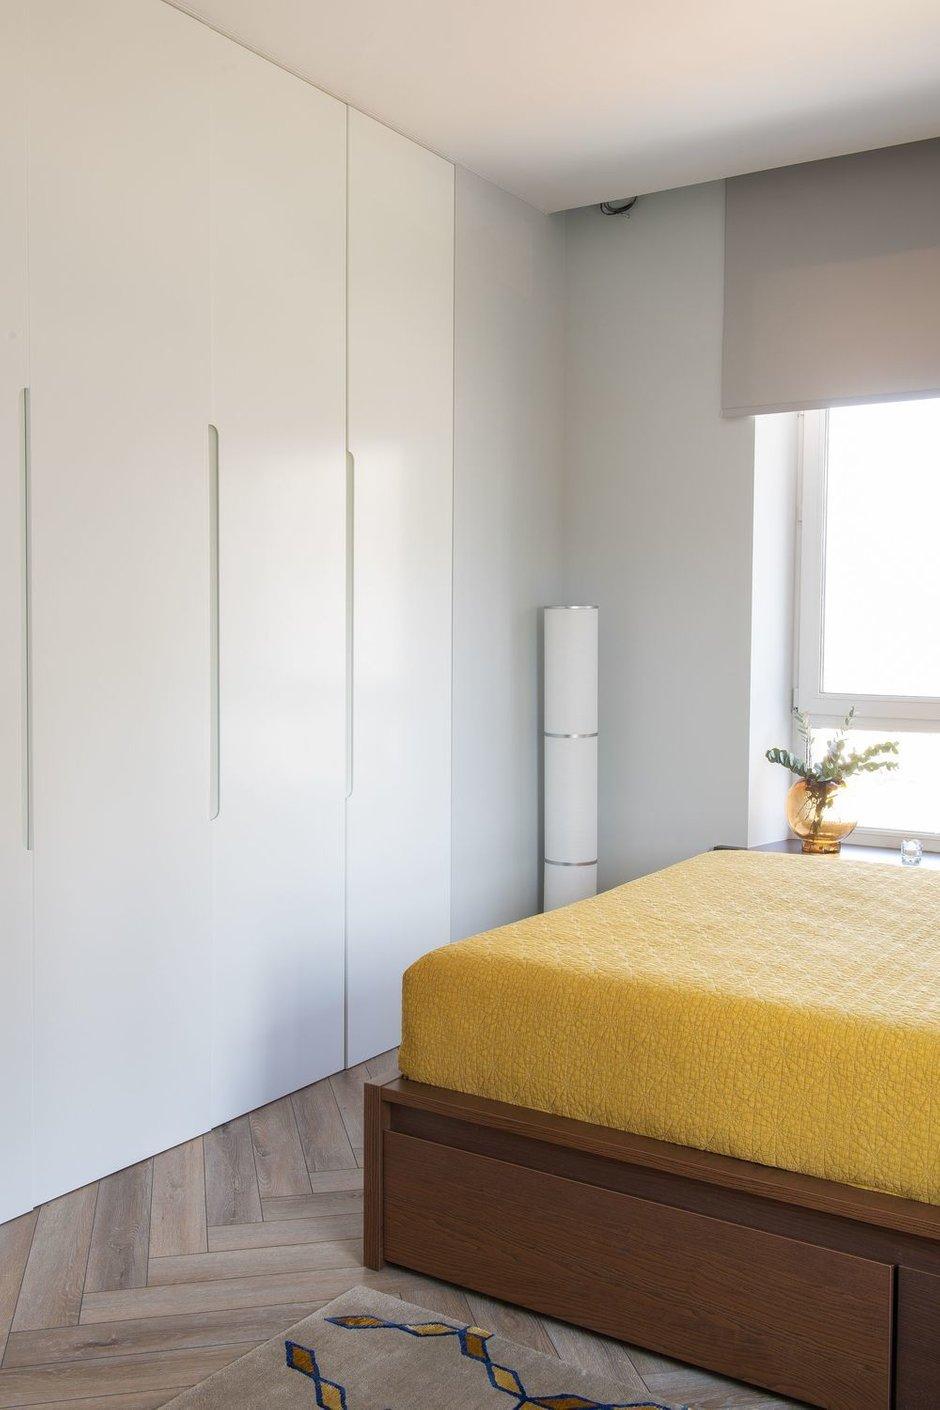 Фотография: Спальня в стиле Современный, Минимализм, Квартира, Проект недели, Москва, Buro Brainstorm, 3 комнаты, 60-90 метров – фото на INMYROOM